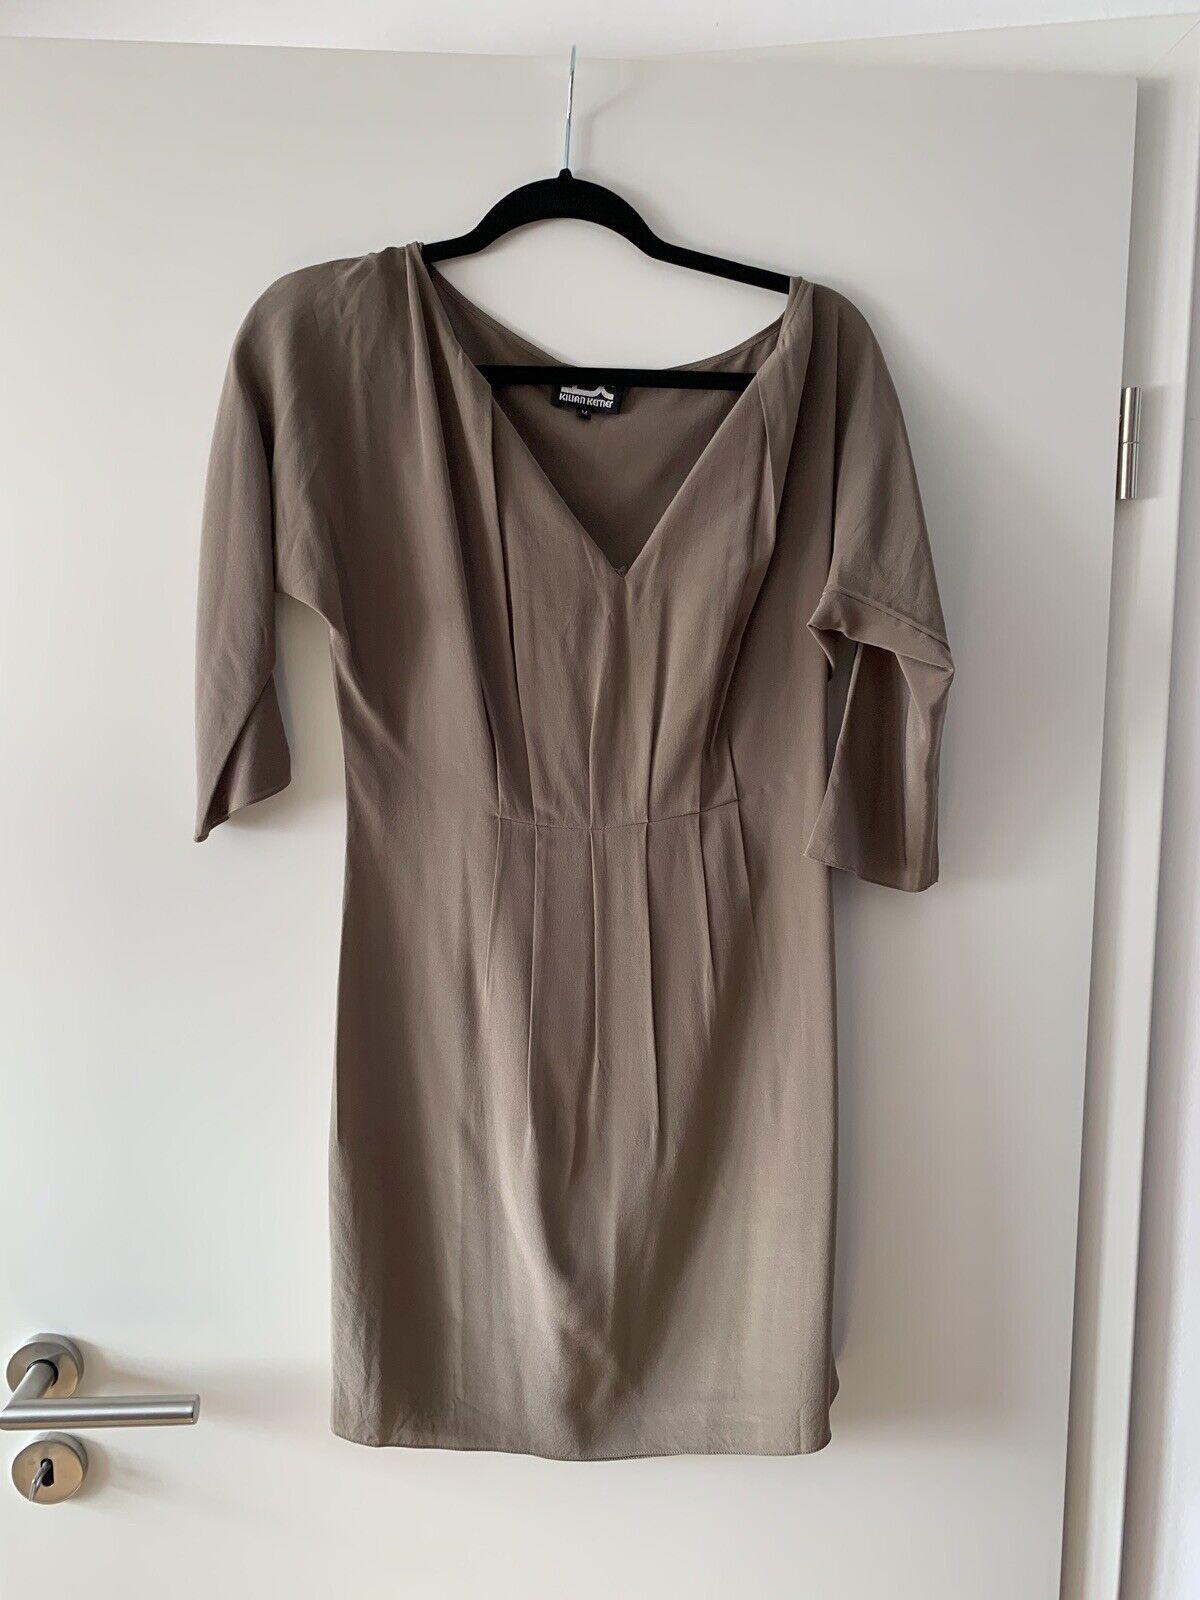 Traumhaftes Kilian Kerner Designerkleid 100% Seide Bronzebraun   Designer Dress